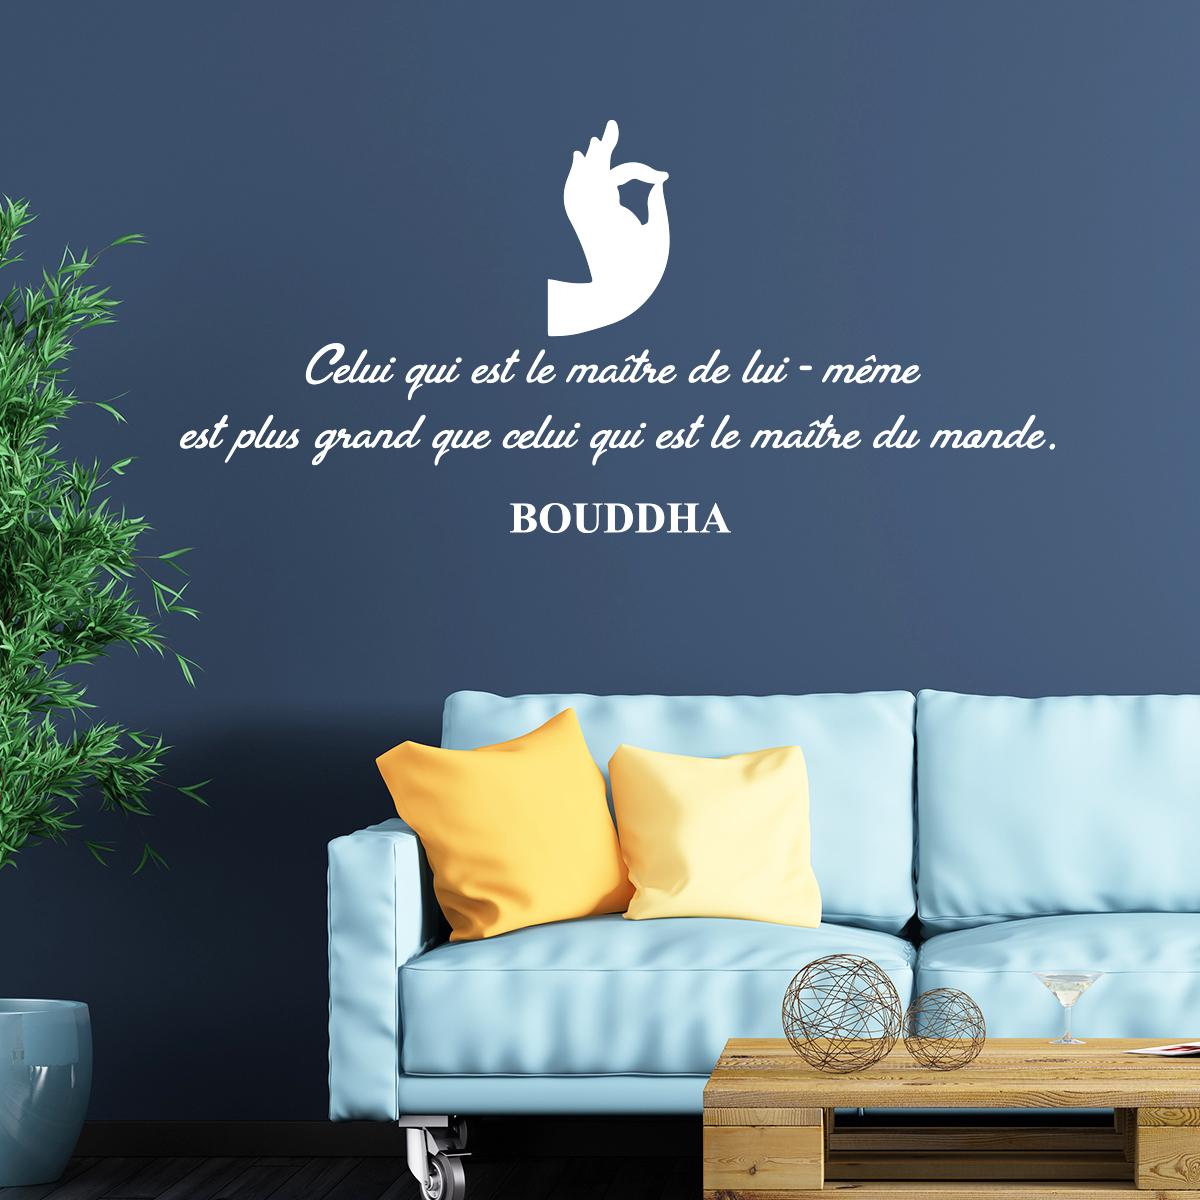 sticker citation celui qui est le ma tre de lui m me bouddha stickers citations fran ais. Black Bedroom Furniture Sets. Home Design Ideas